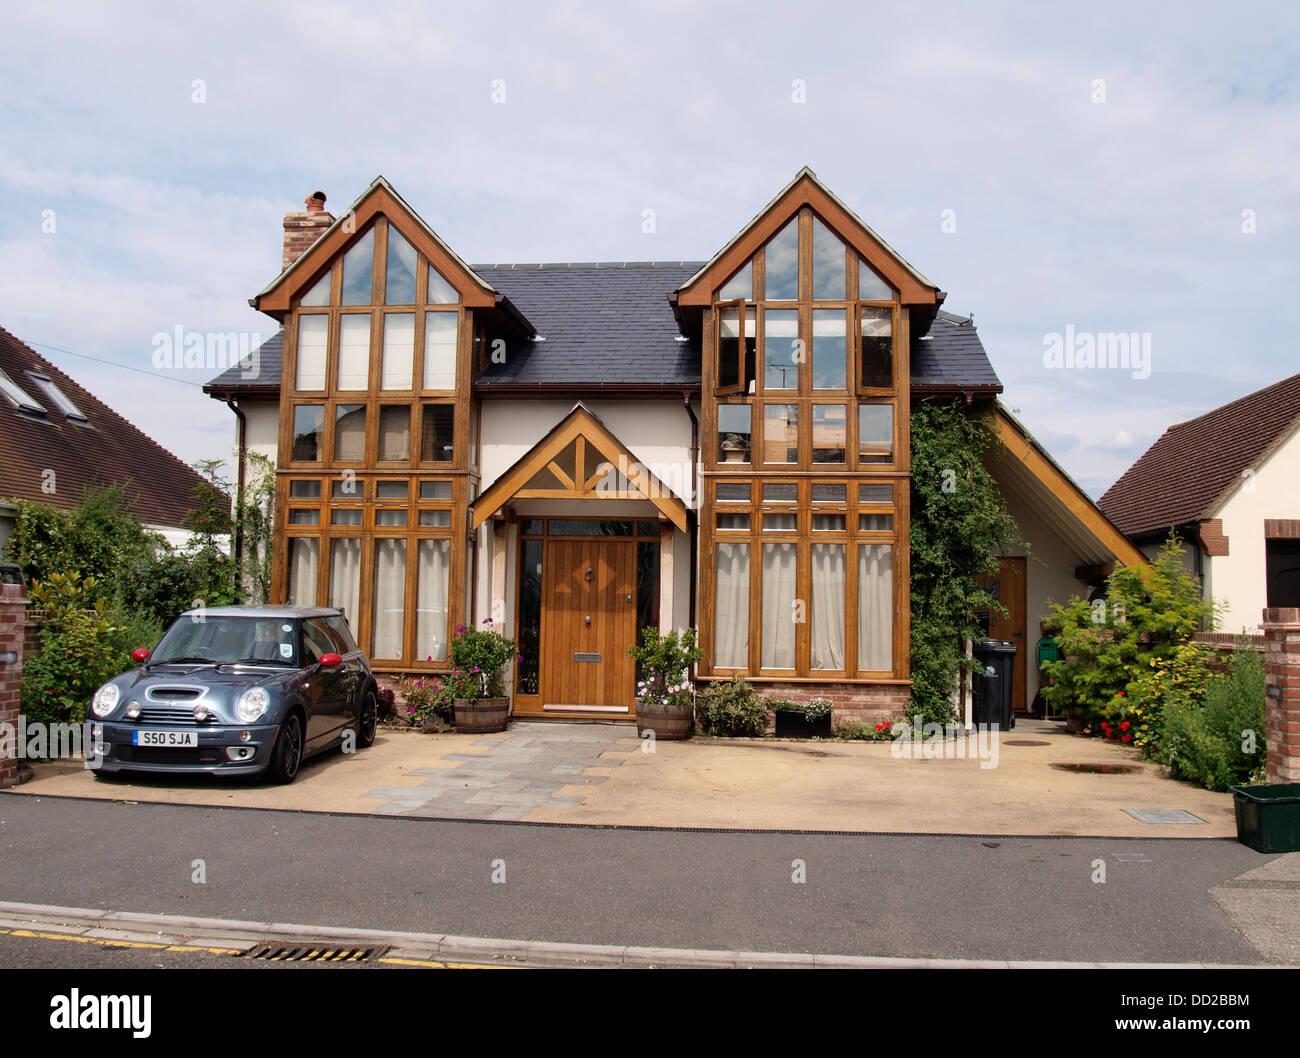 Casa moderna con grandi finestre, Regno Unito 2013 Immagini Stock